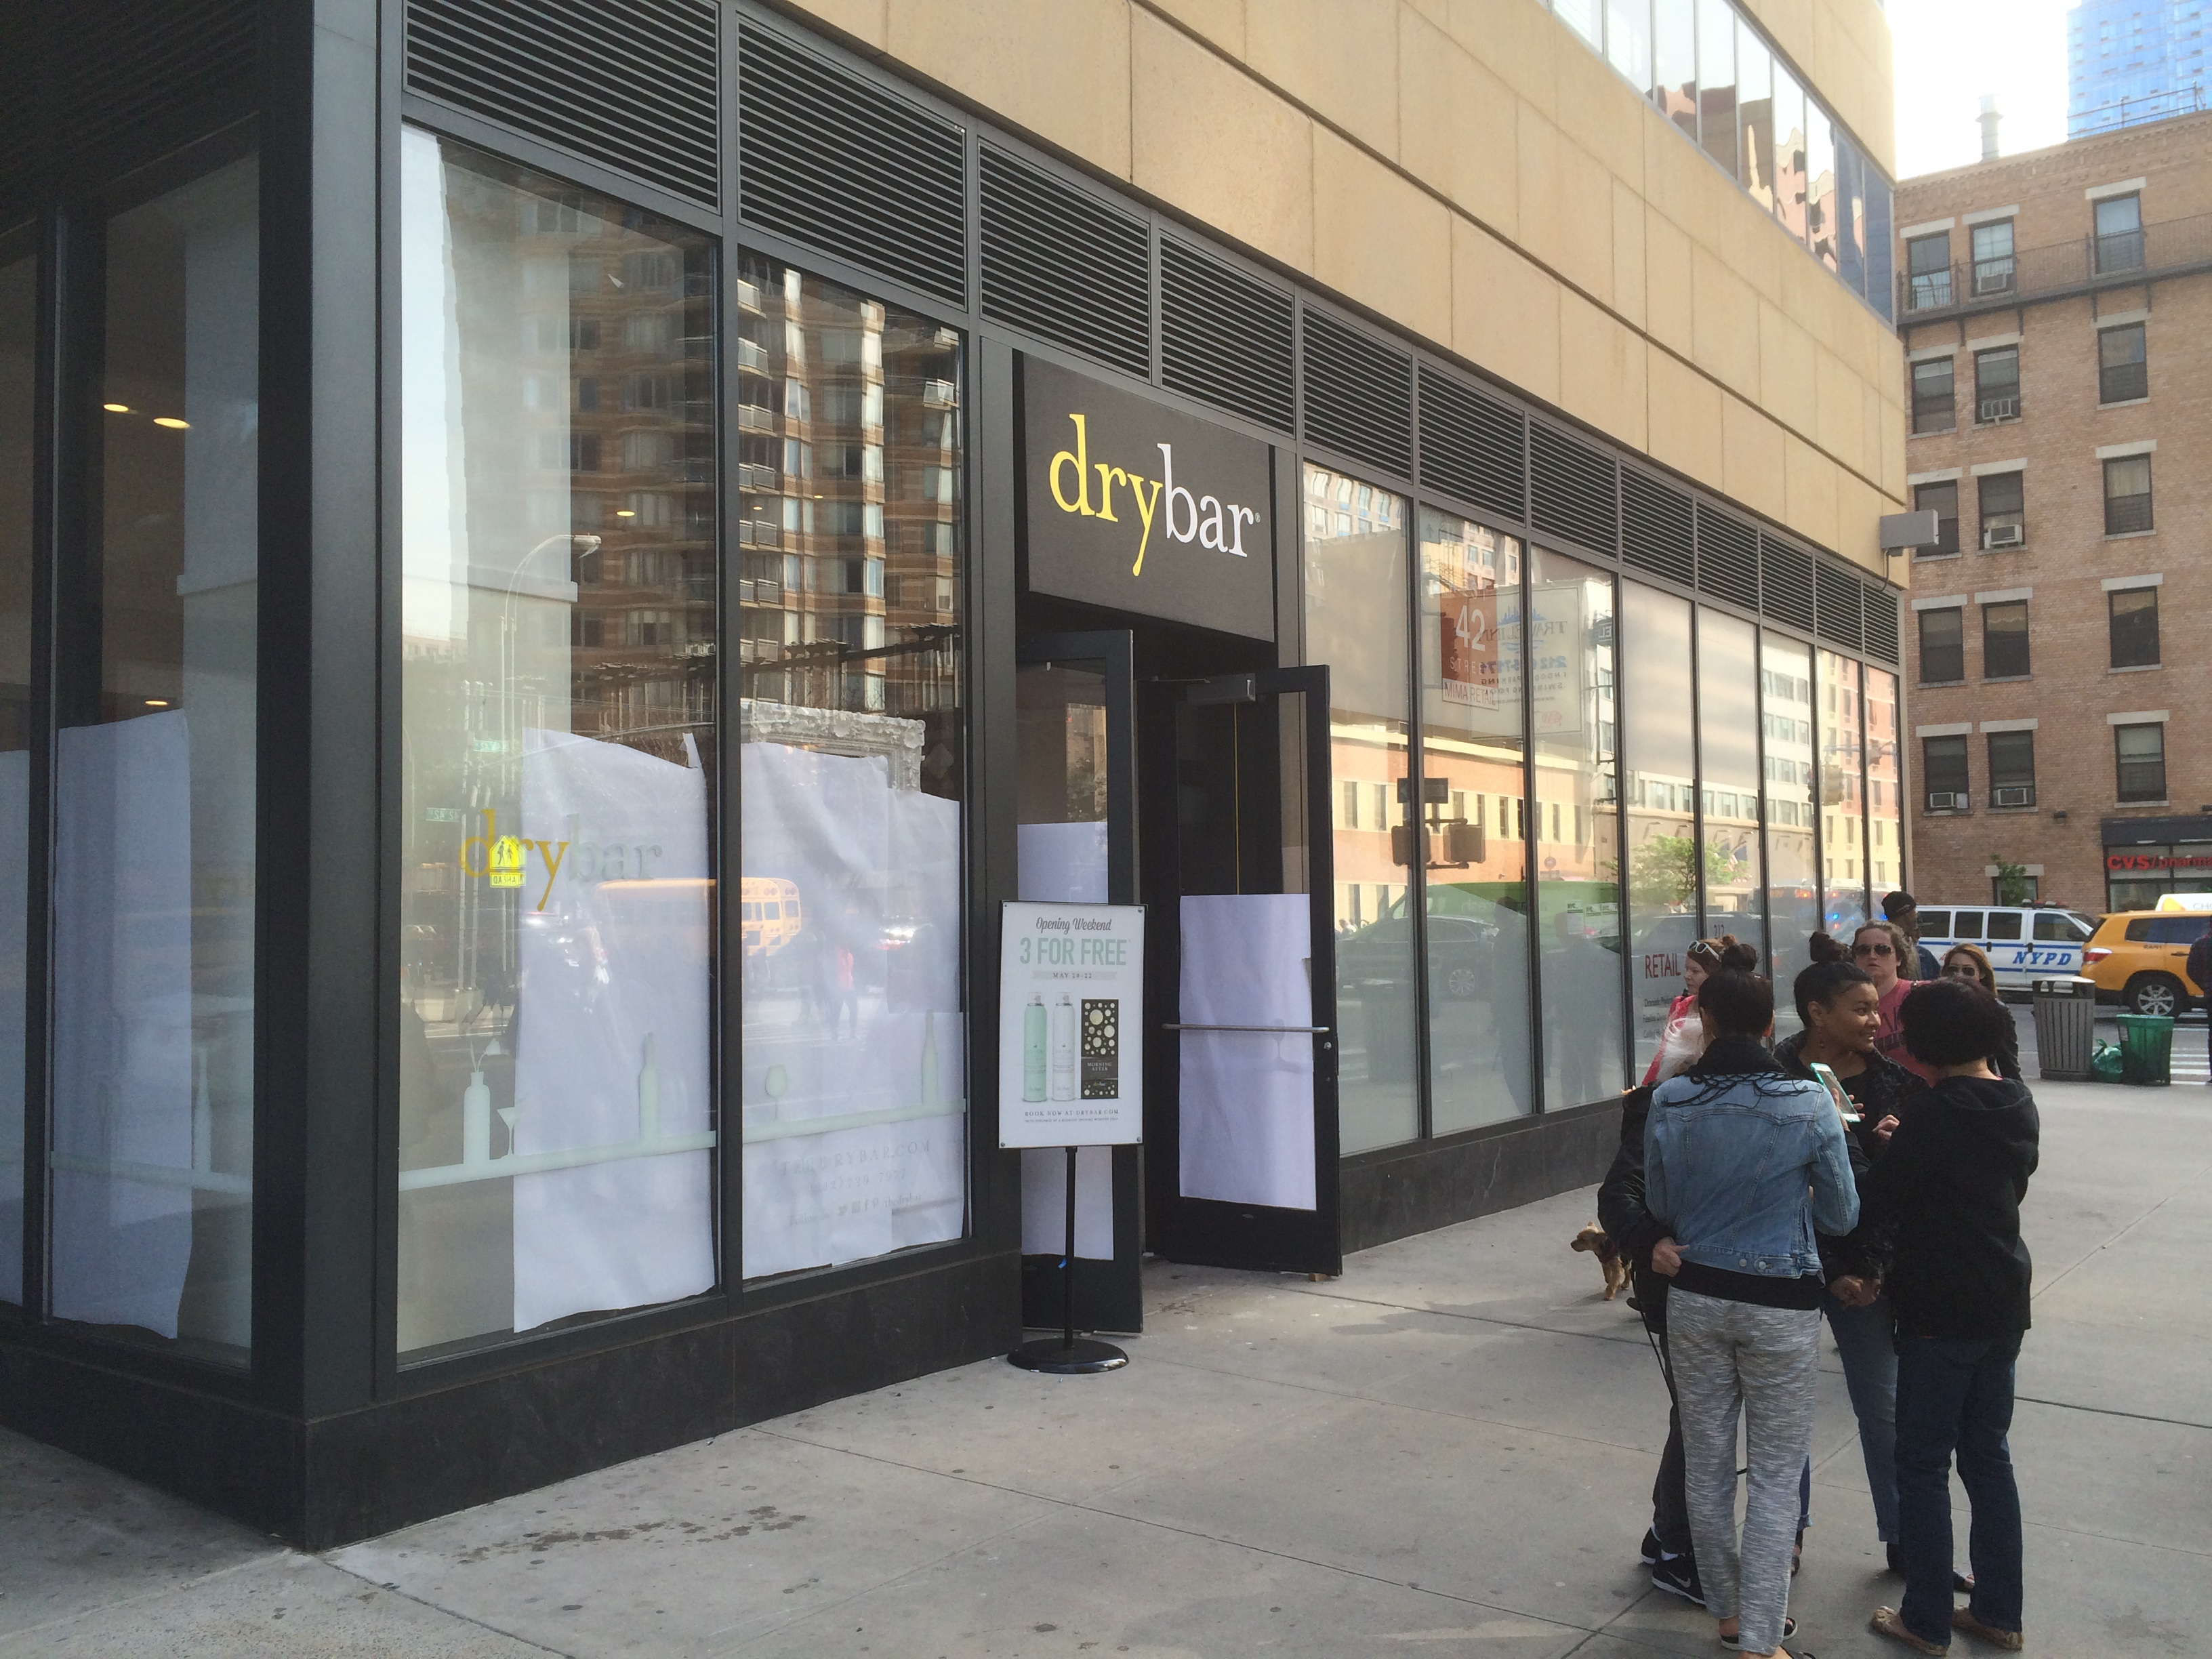 The Dry Bar – Mima Bldg., 42nd st. NY